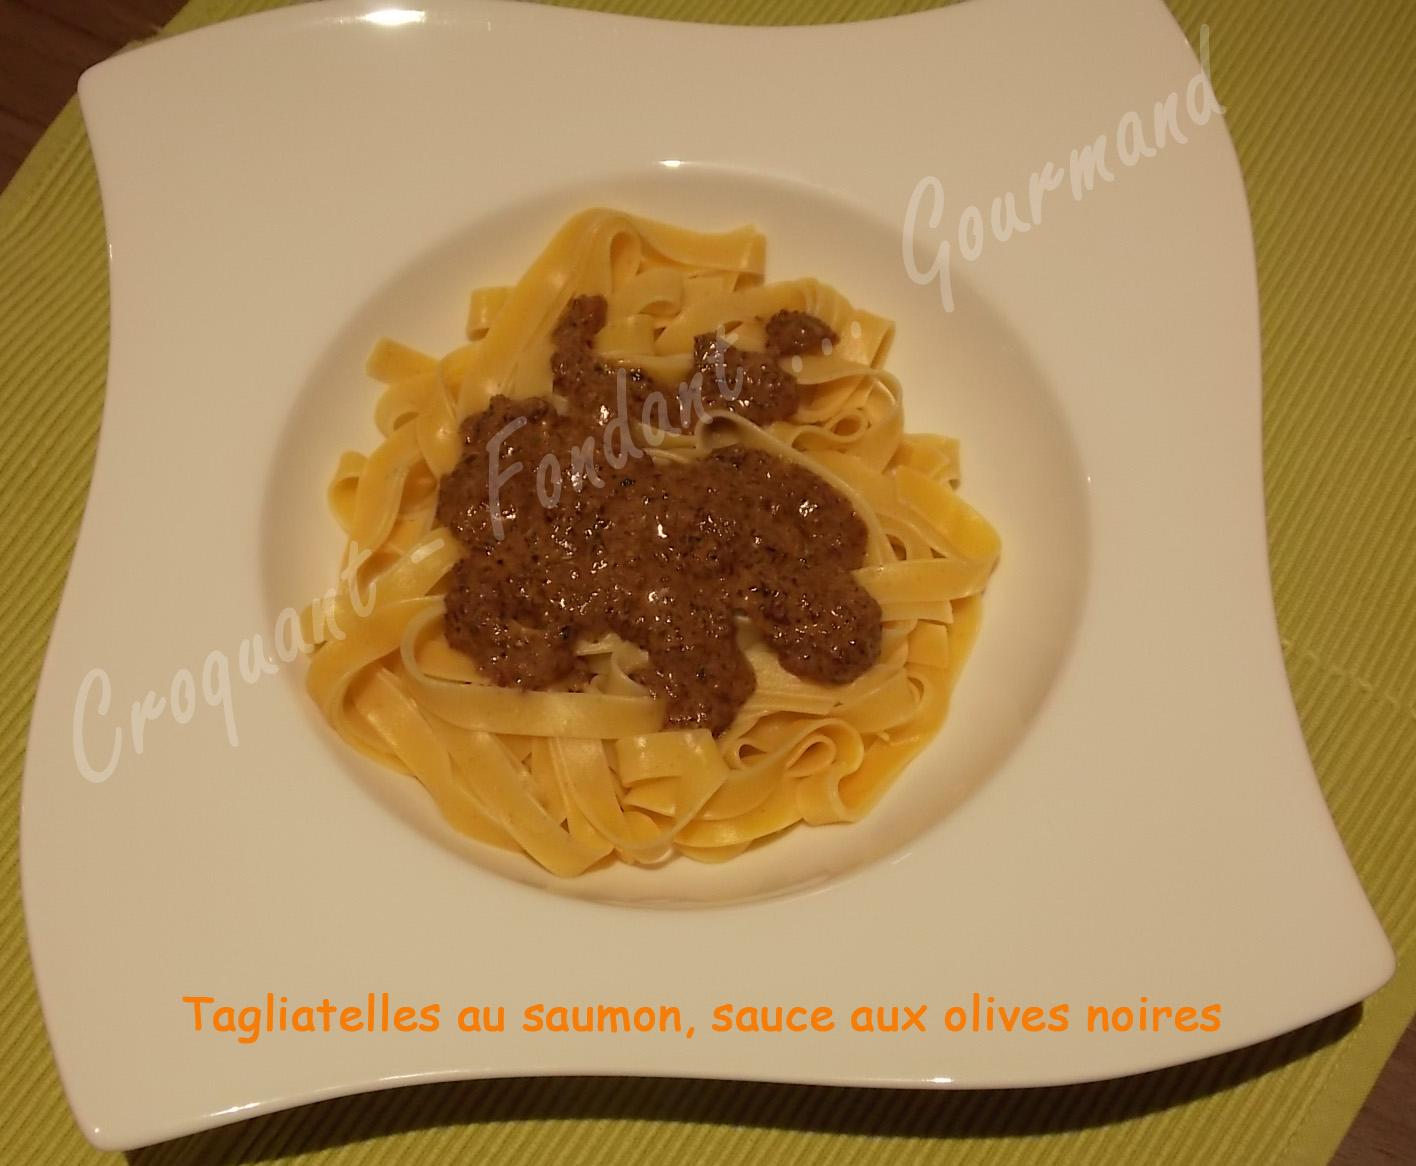 Tagliatelles au saumon, sauce aux olives noires DSCN1924_31587